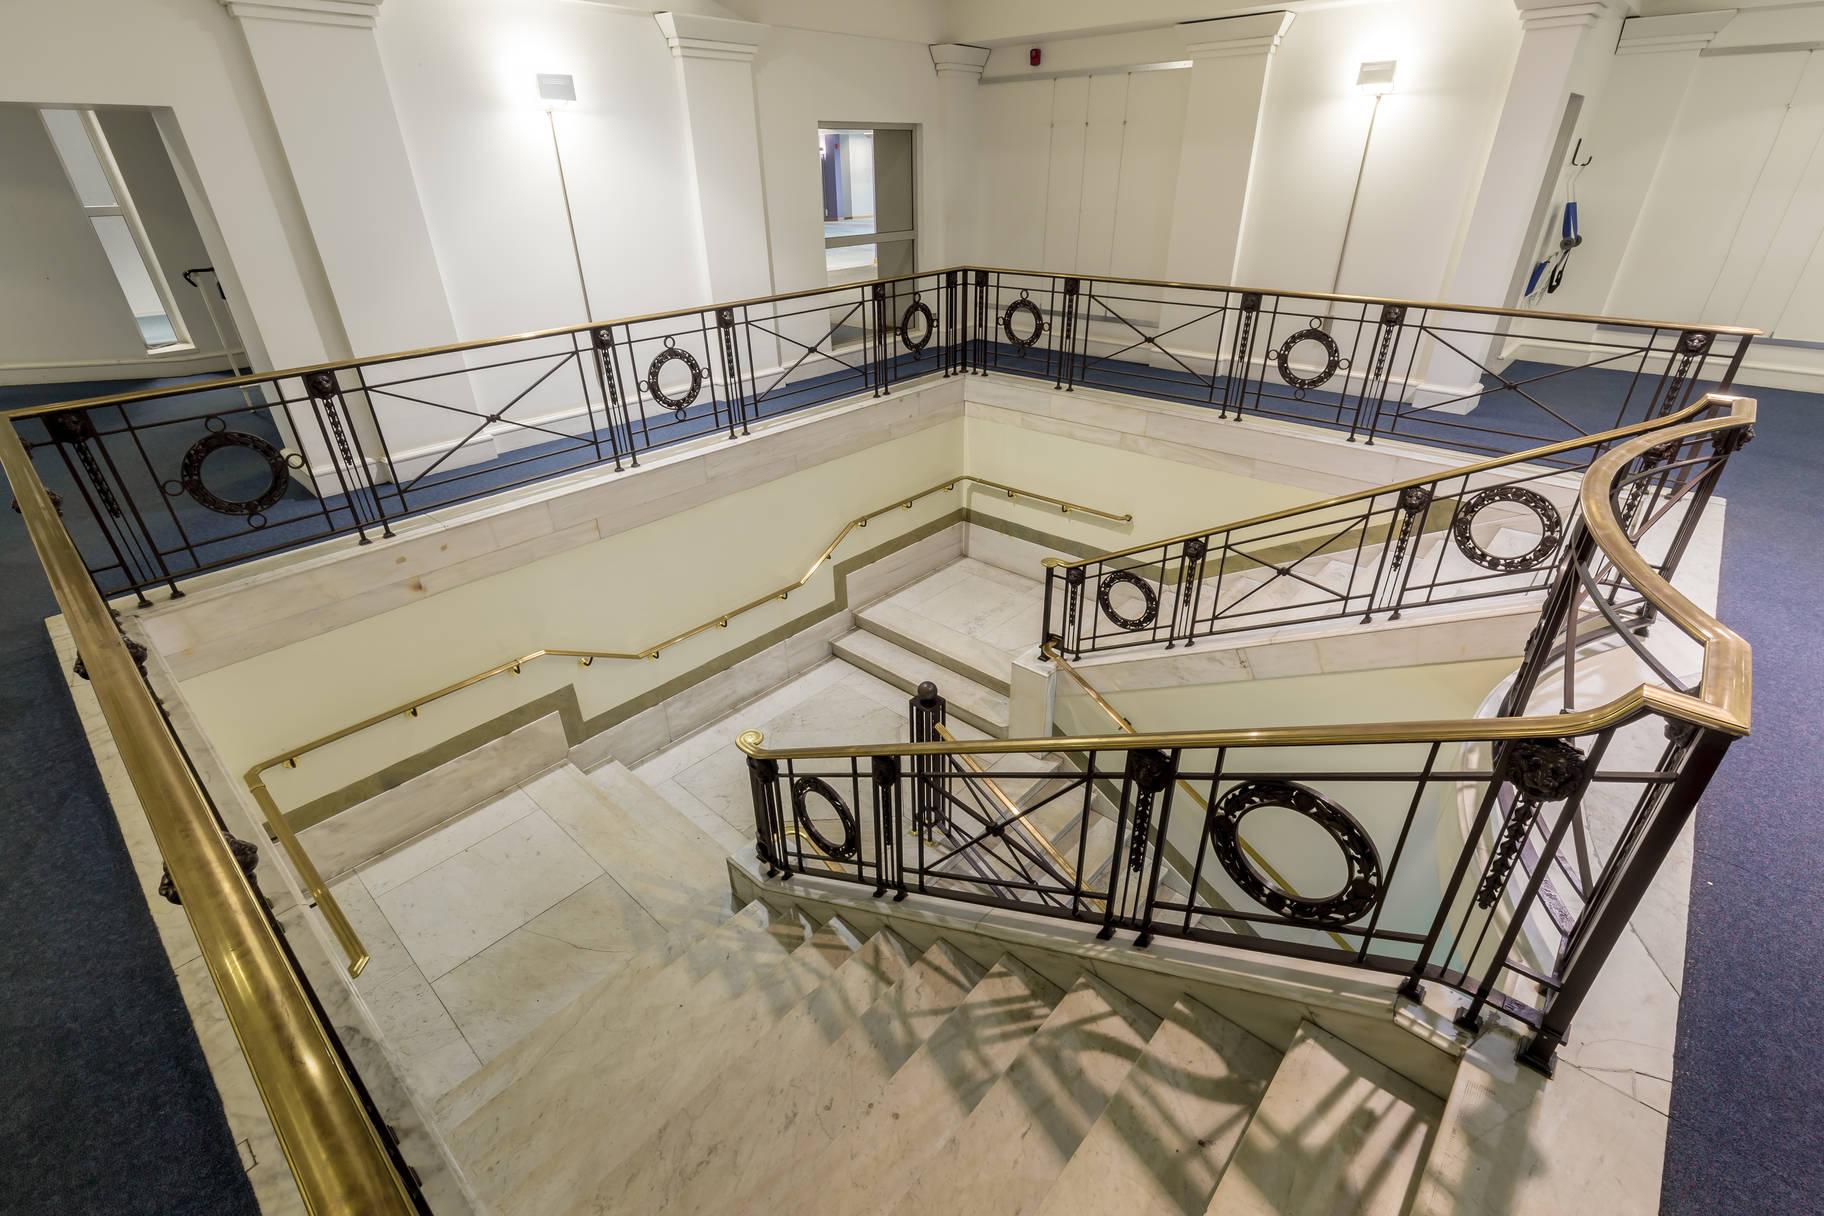 Cathcart House interior - Business News Scotland